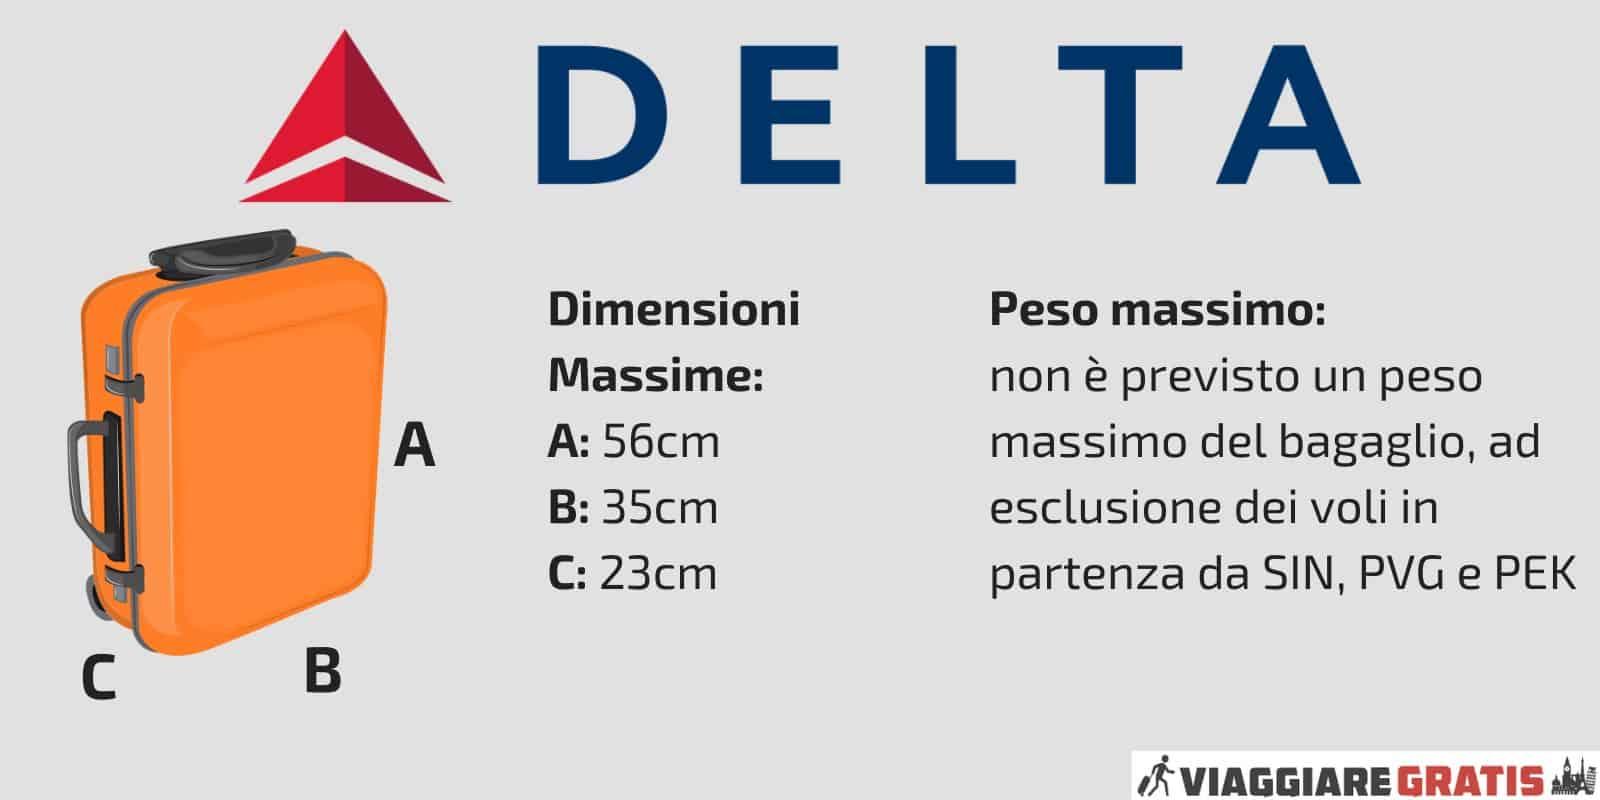 Bagaglio a mano Delta Airlines check in